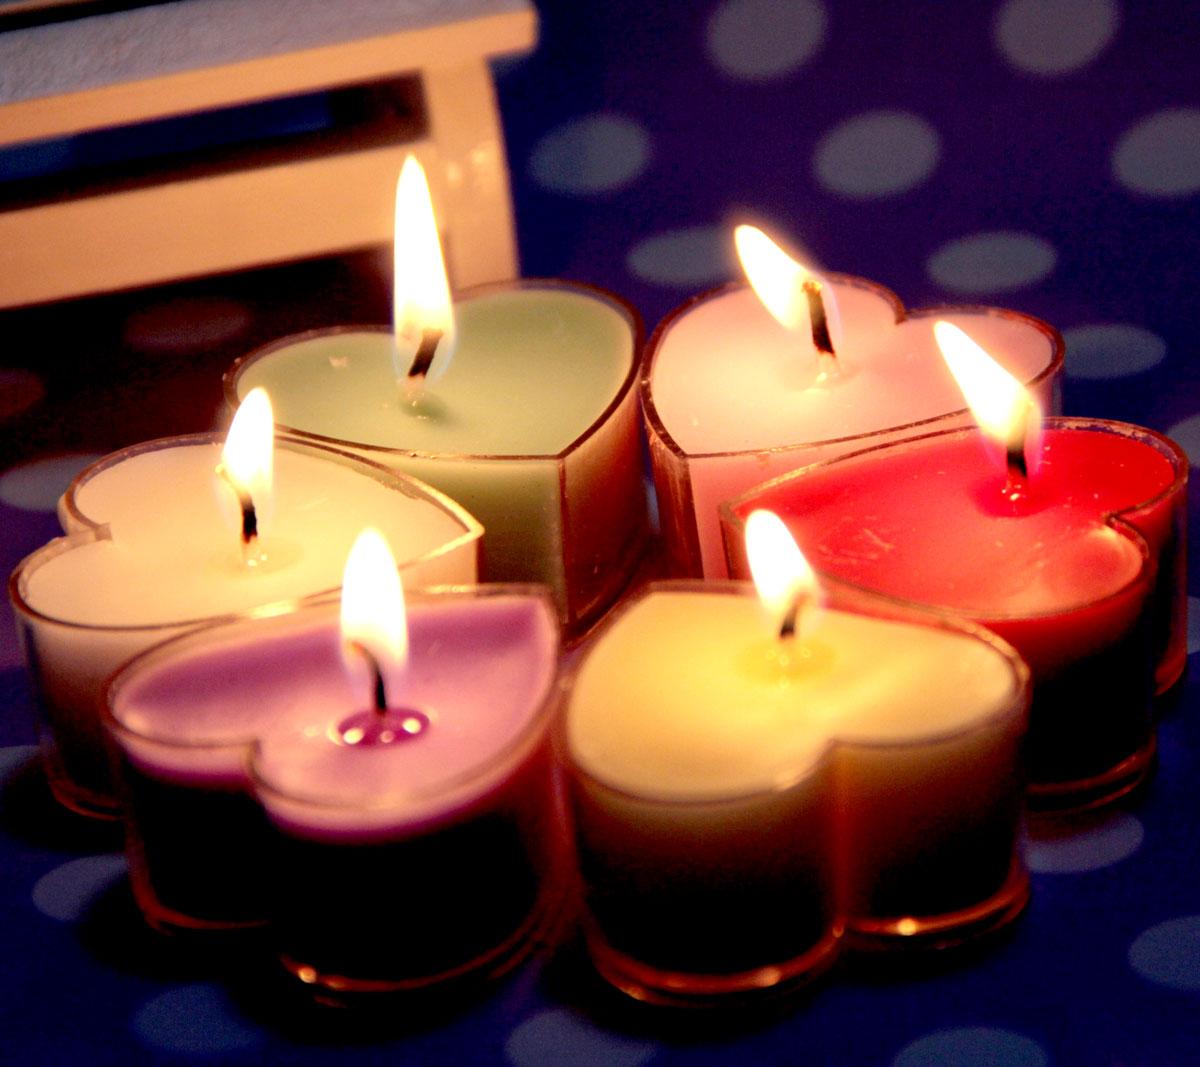 Świeczki w kształcie serc w 6 kolorach na romantyczną kolację walentynkową - pomysł na tani i łatwy do kupienia dodatek